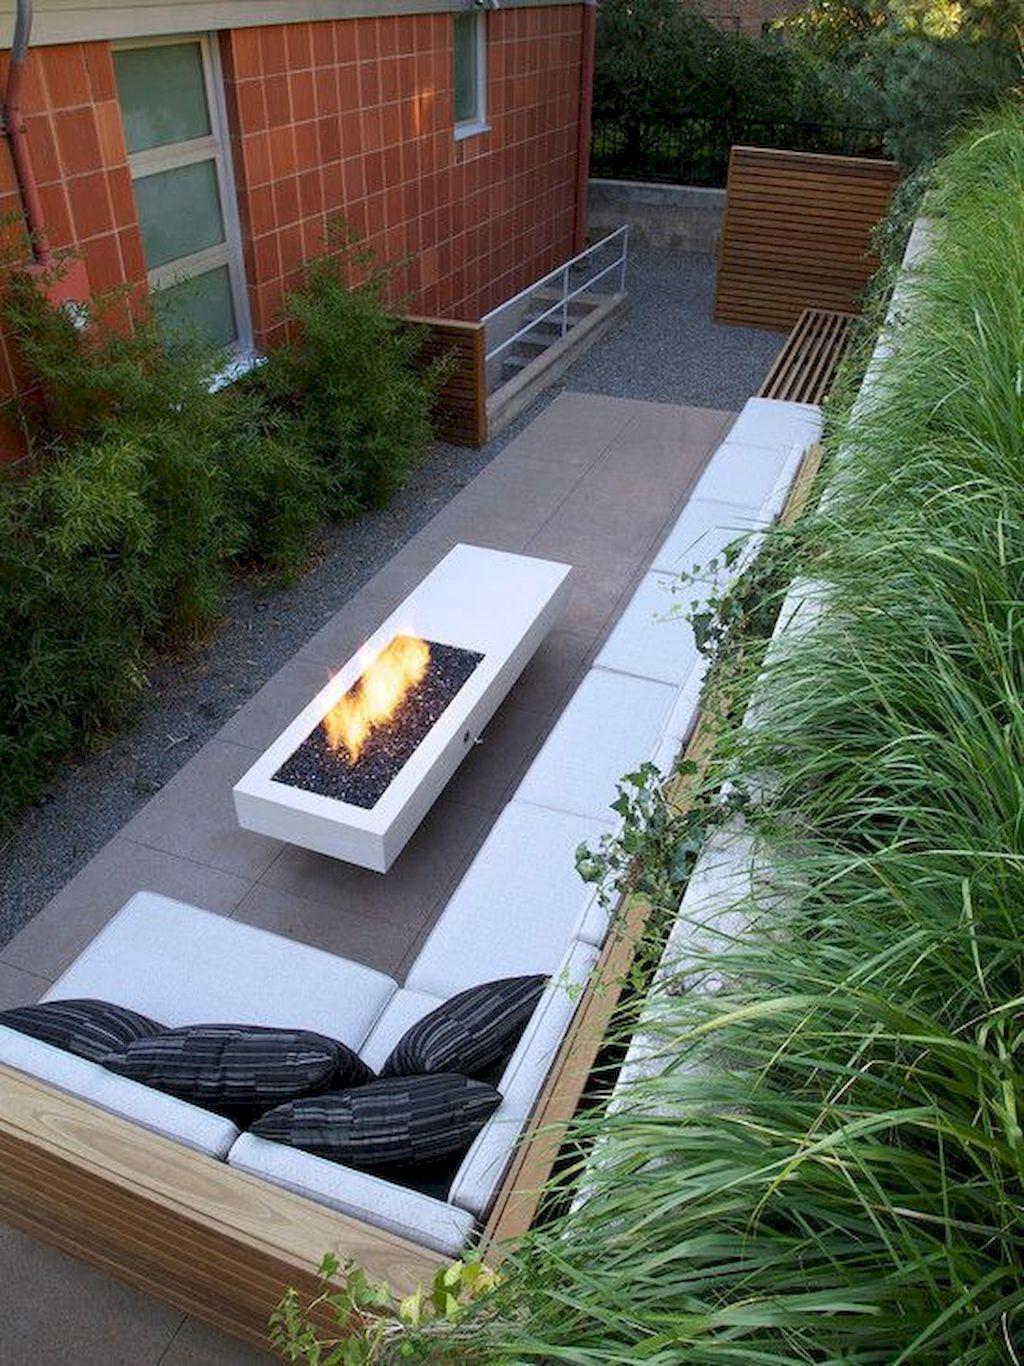 46 Beautiful Small Backyard Landscaping Ideas Spaciroom Com Backyard Layout Small Backyard Patio Narrow Backyard Ideas Modern backyard fire pit ideas